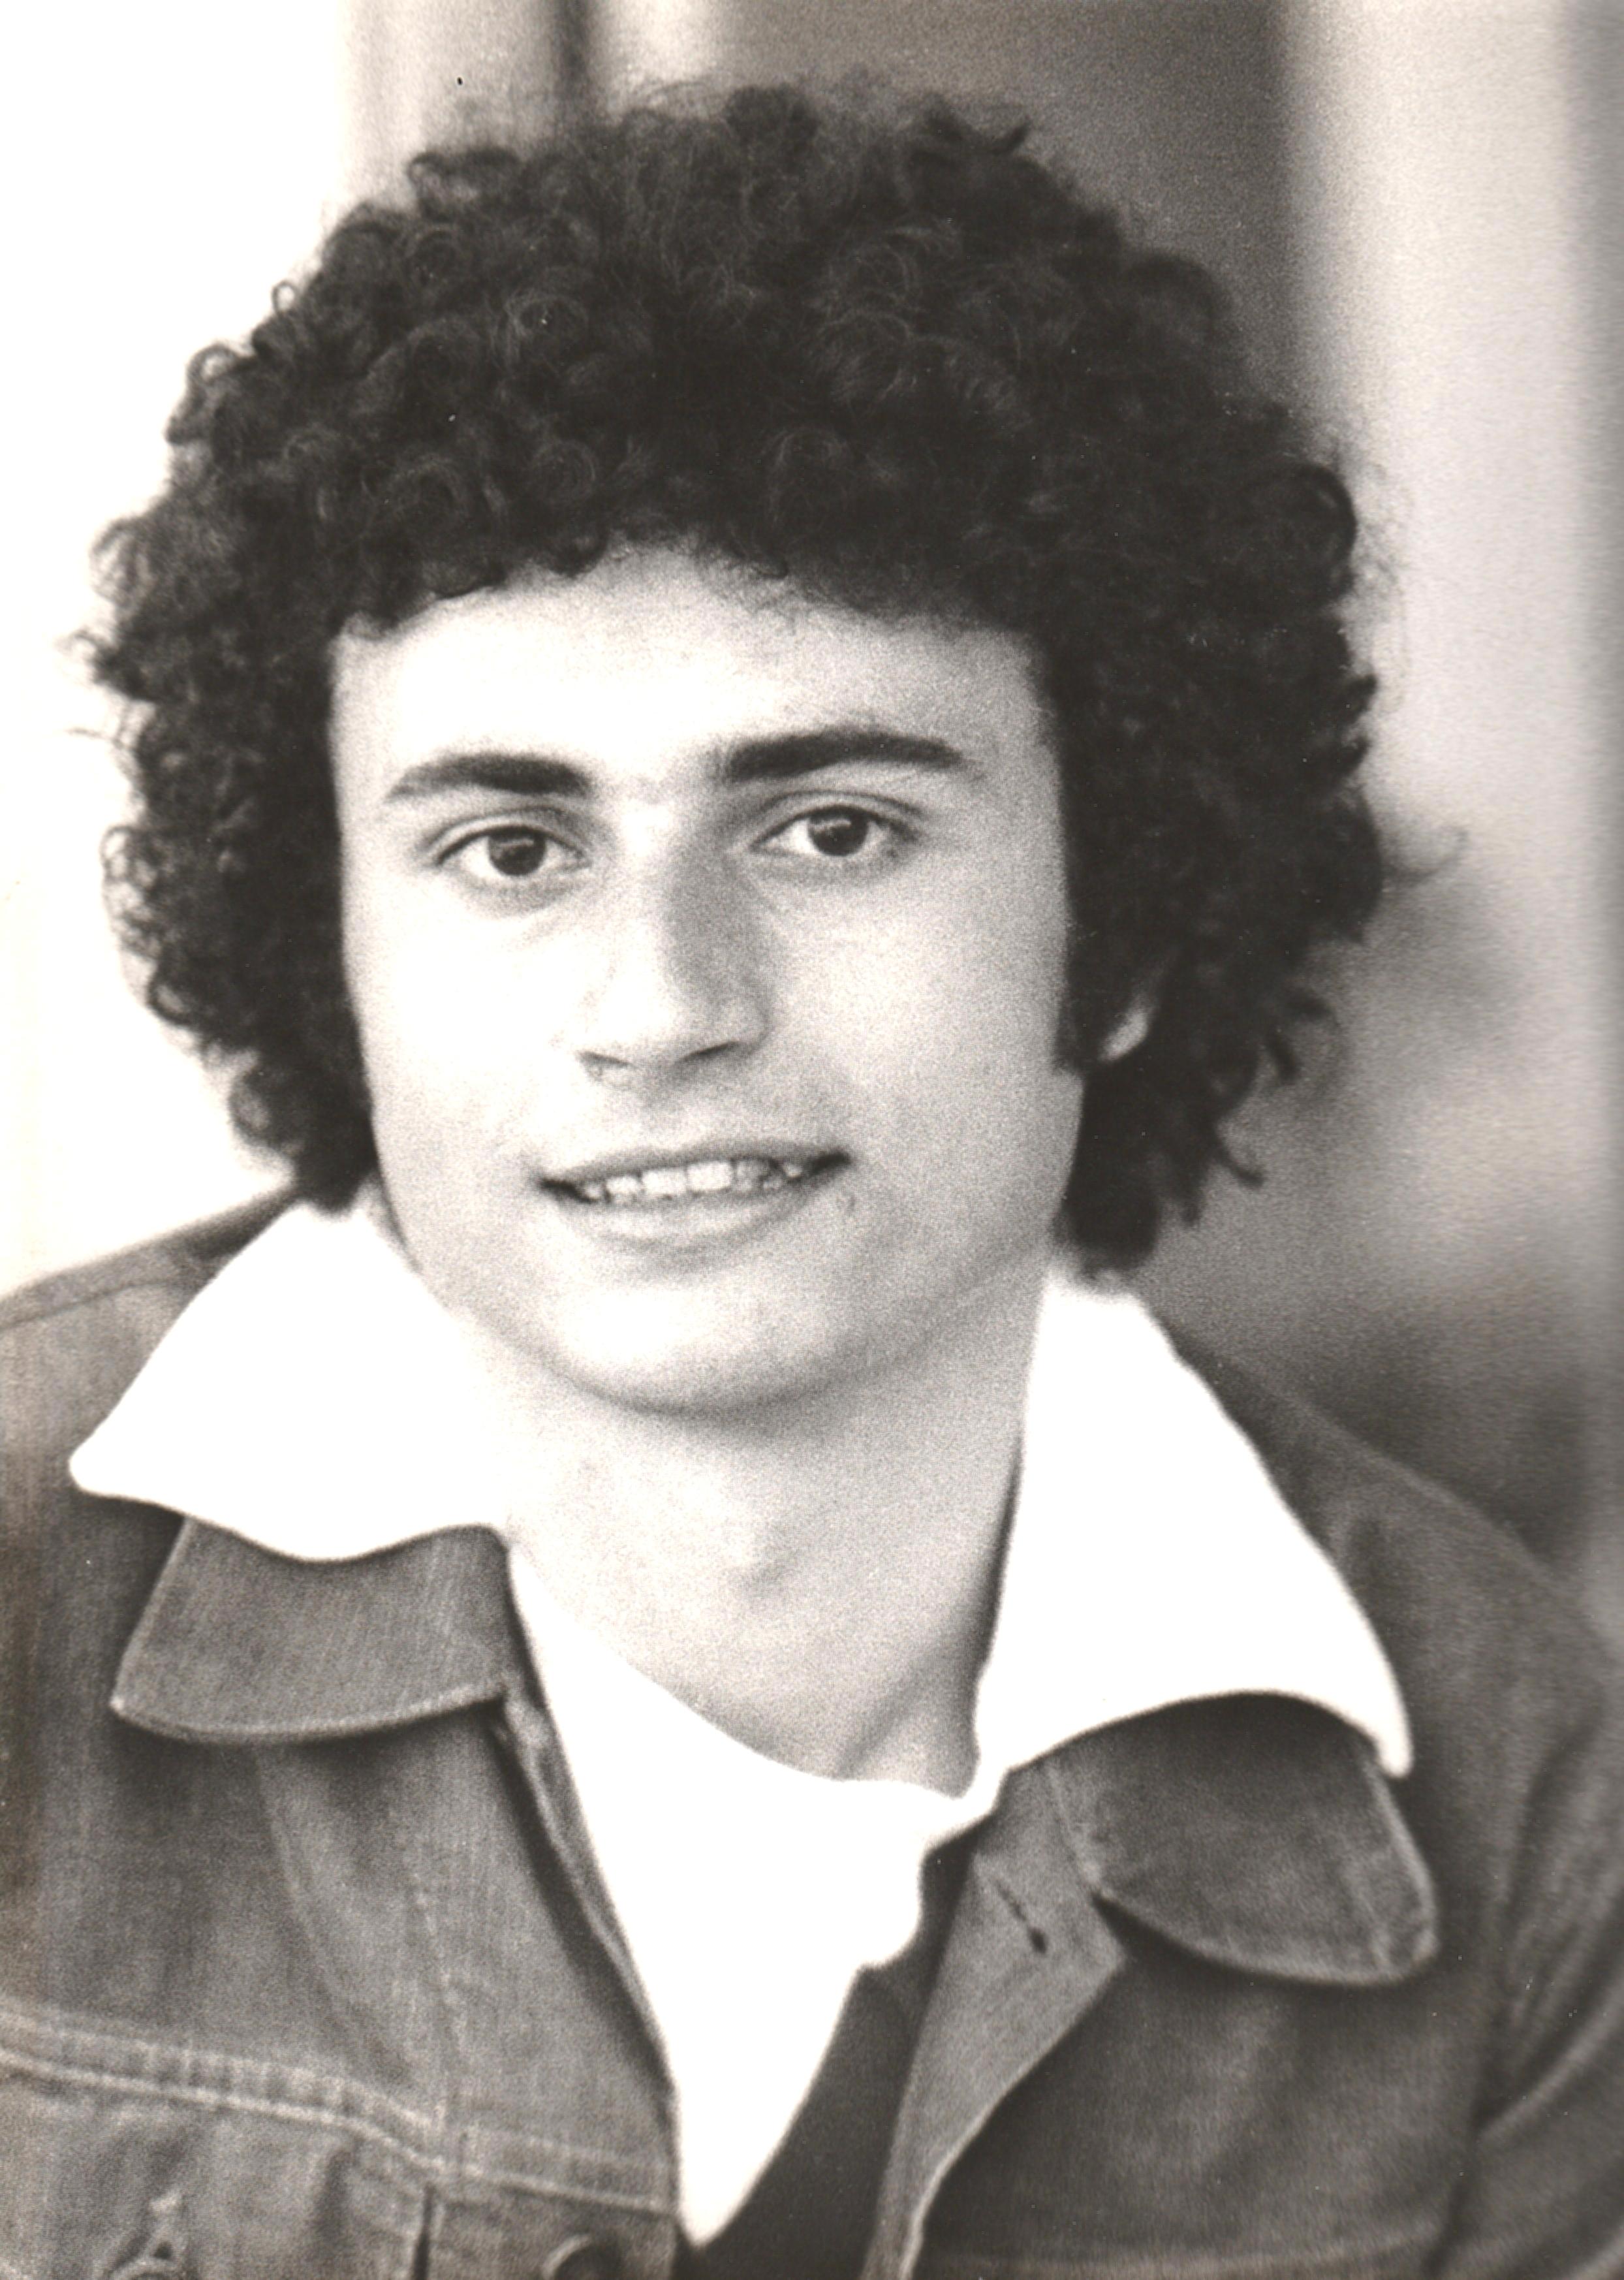 """Ero giovanissimo e mi presentai a Cinecittà per candidarmi a un piccolo ruolo in un film provvisoriamente intitolato """"Il buio nel cervello"""", tanto per intrufolarmi in quel magico mondo che […]"""